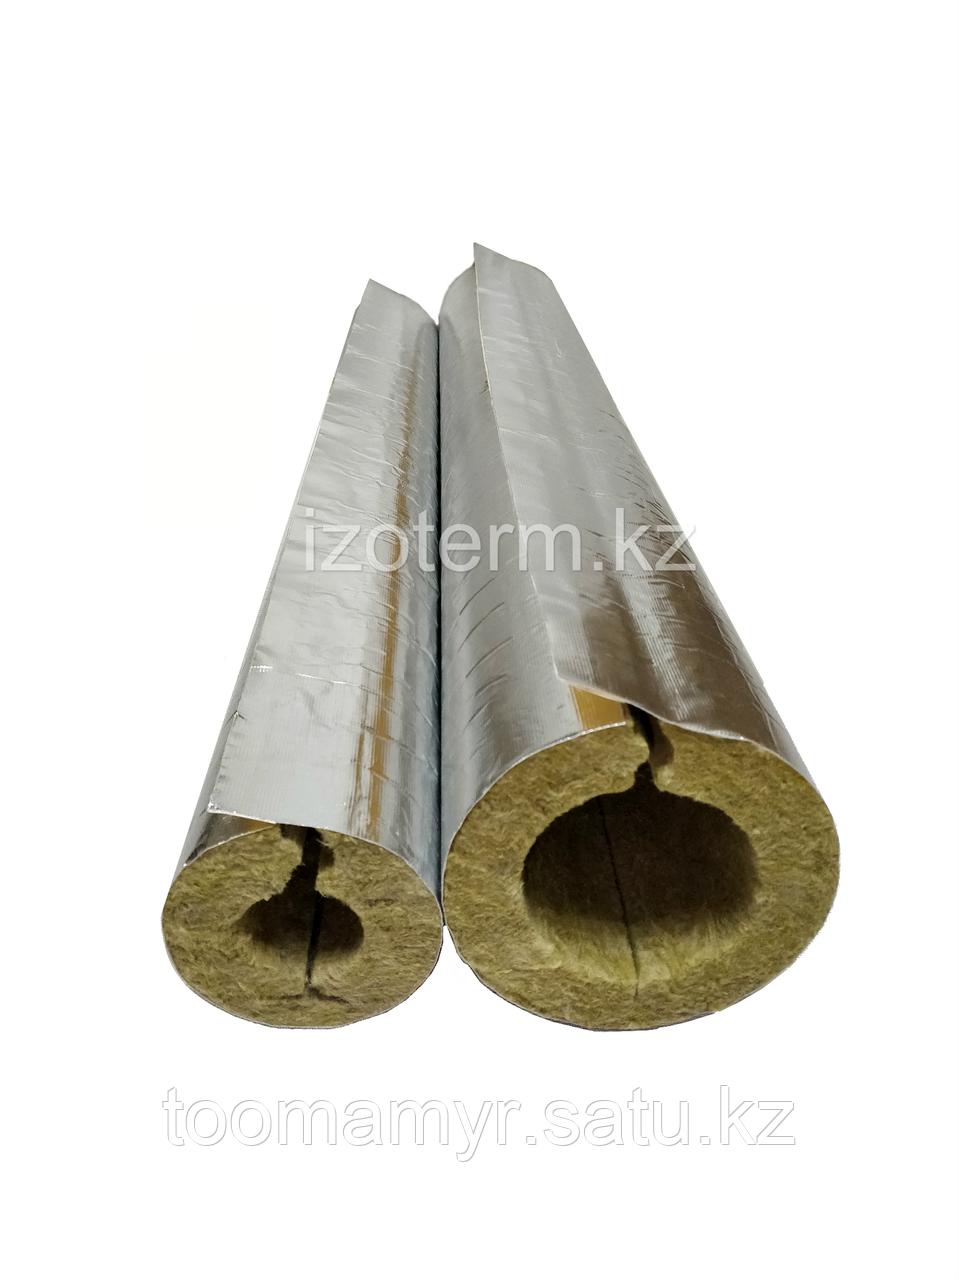 Цилиндр IZOTERM с покрытием фольма-ткань